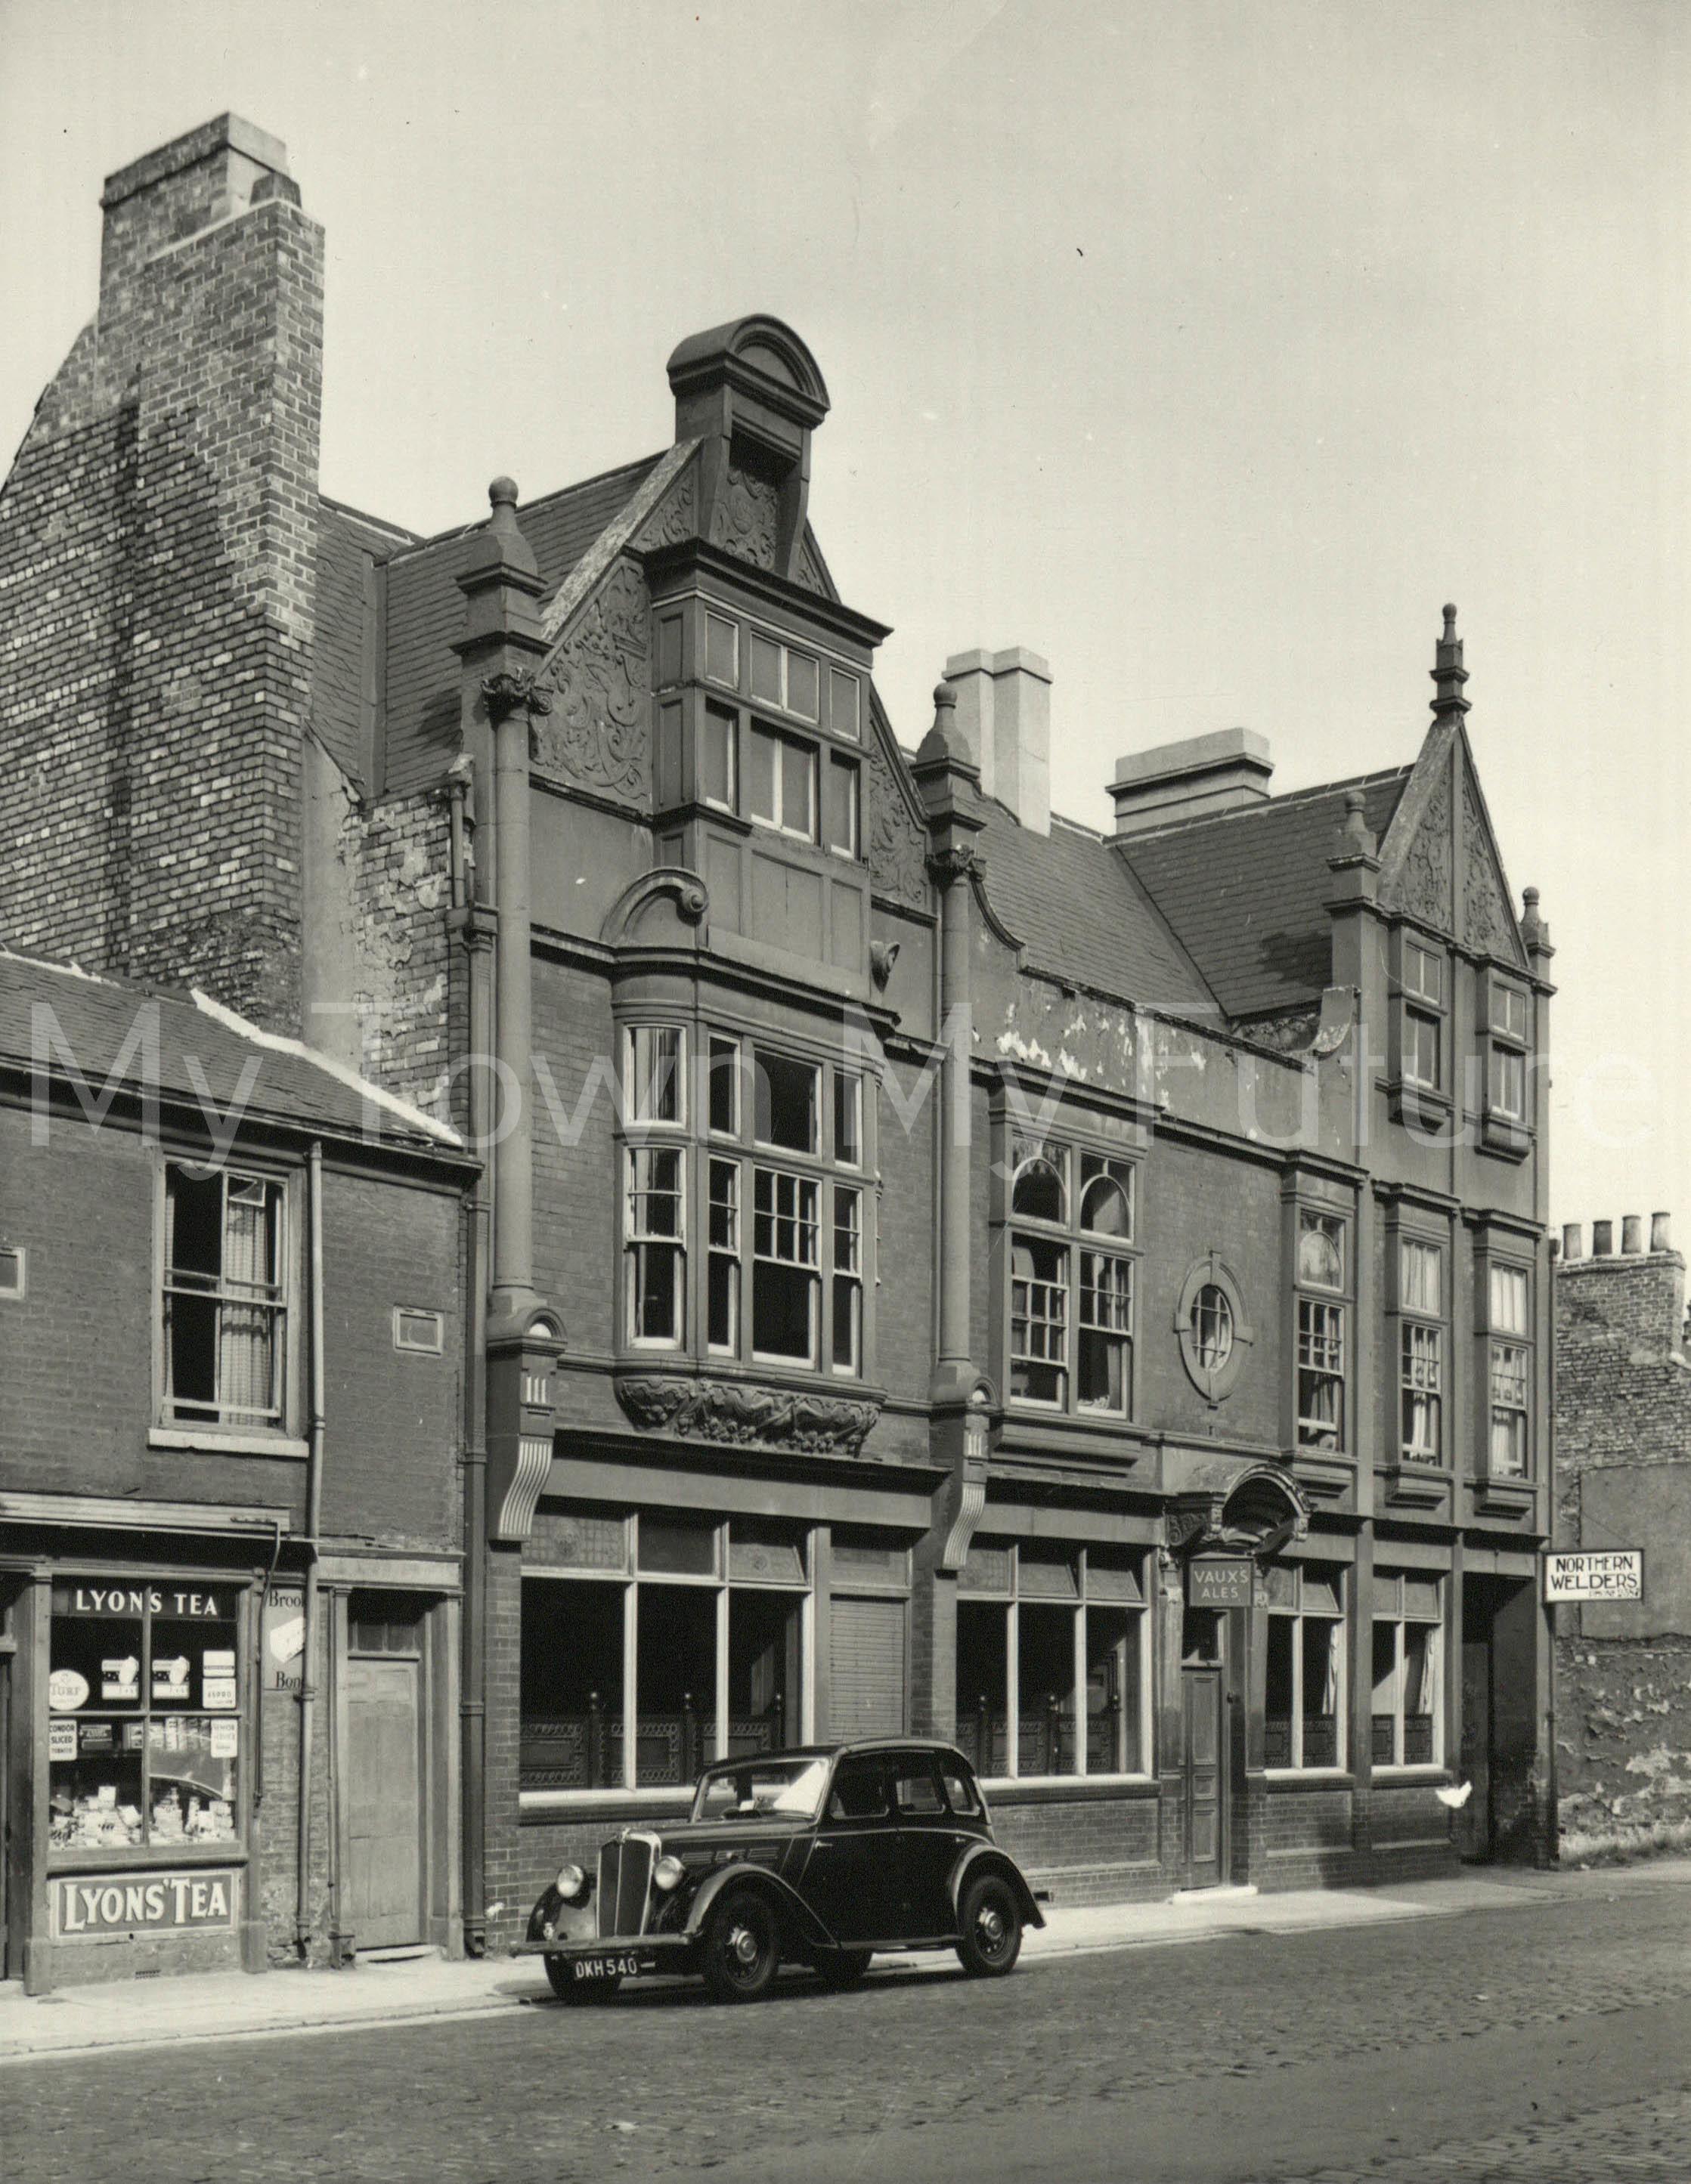 Captain Cook Hotel - Durham Street 1842 - rebuilt in 1893, Closed in 2010. Last Landlady Olwyn McPhillips nee Woodier - Dept of Planning